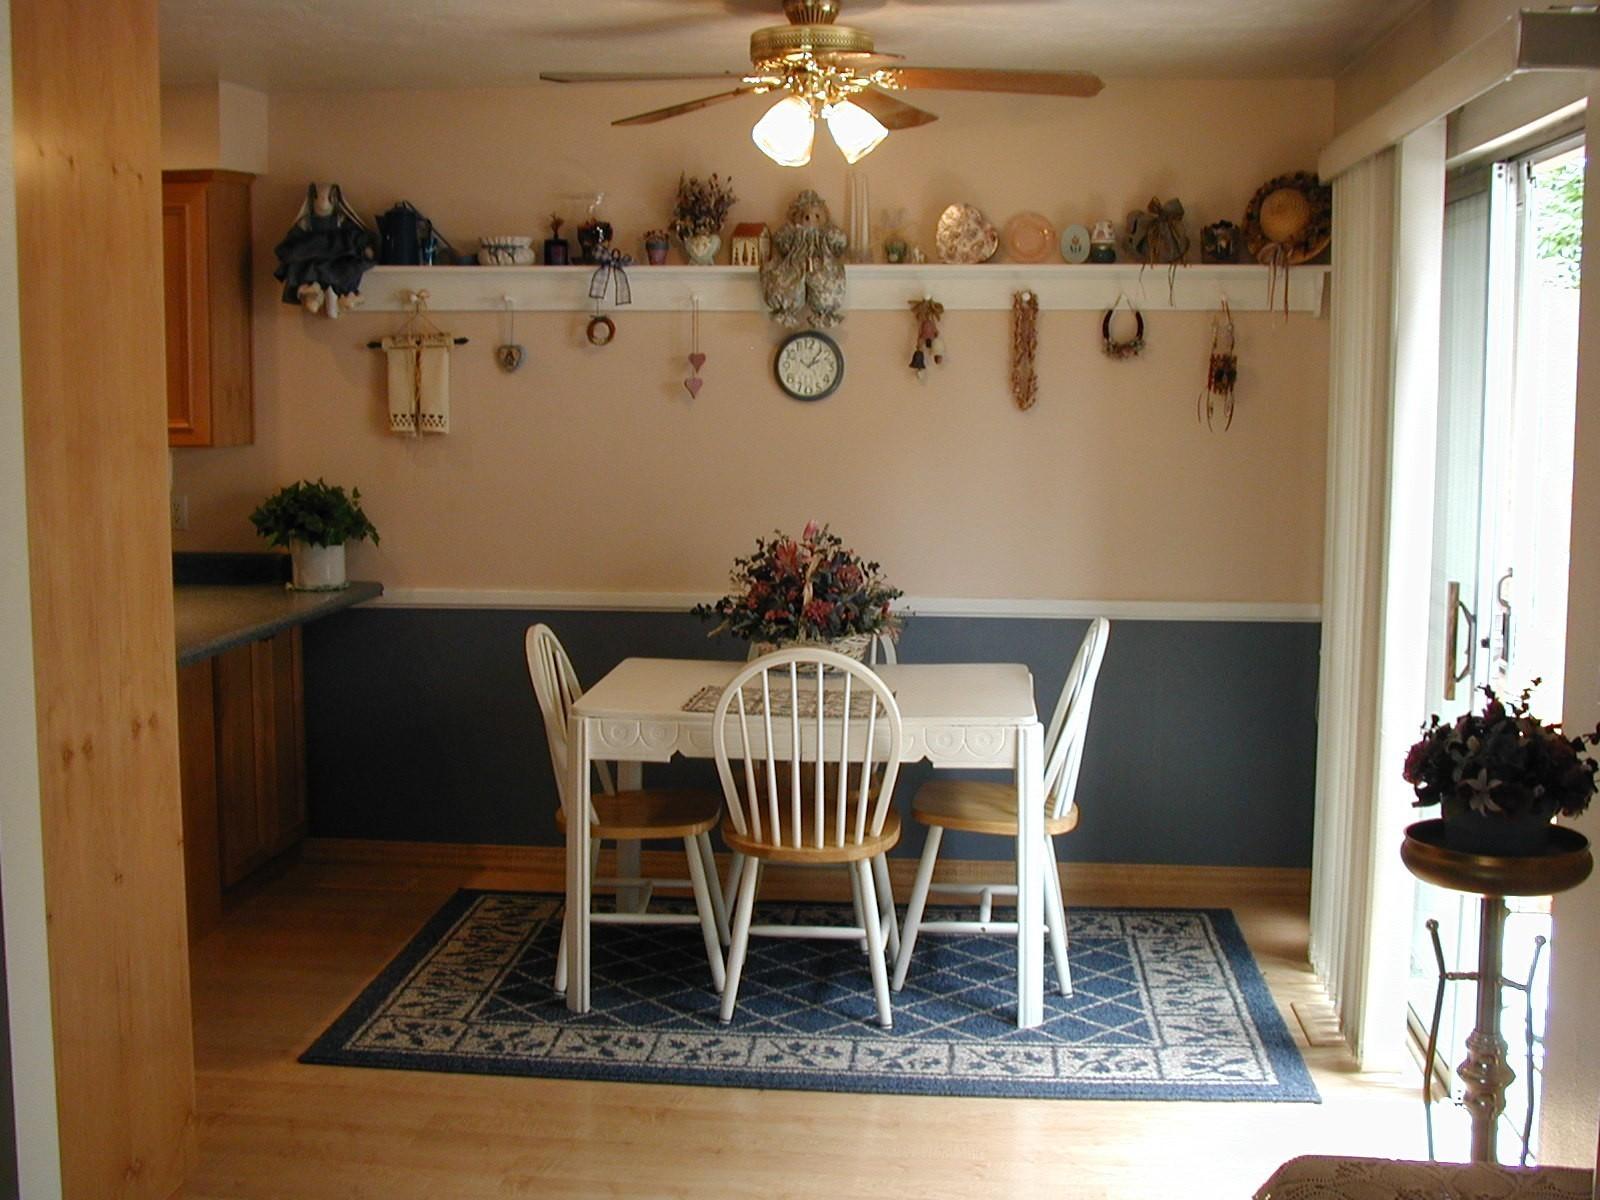 lighting in kitchen with no island? (floor, paneling, countertops